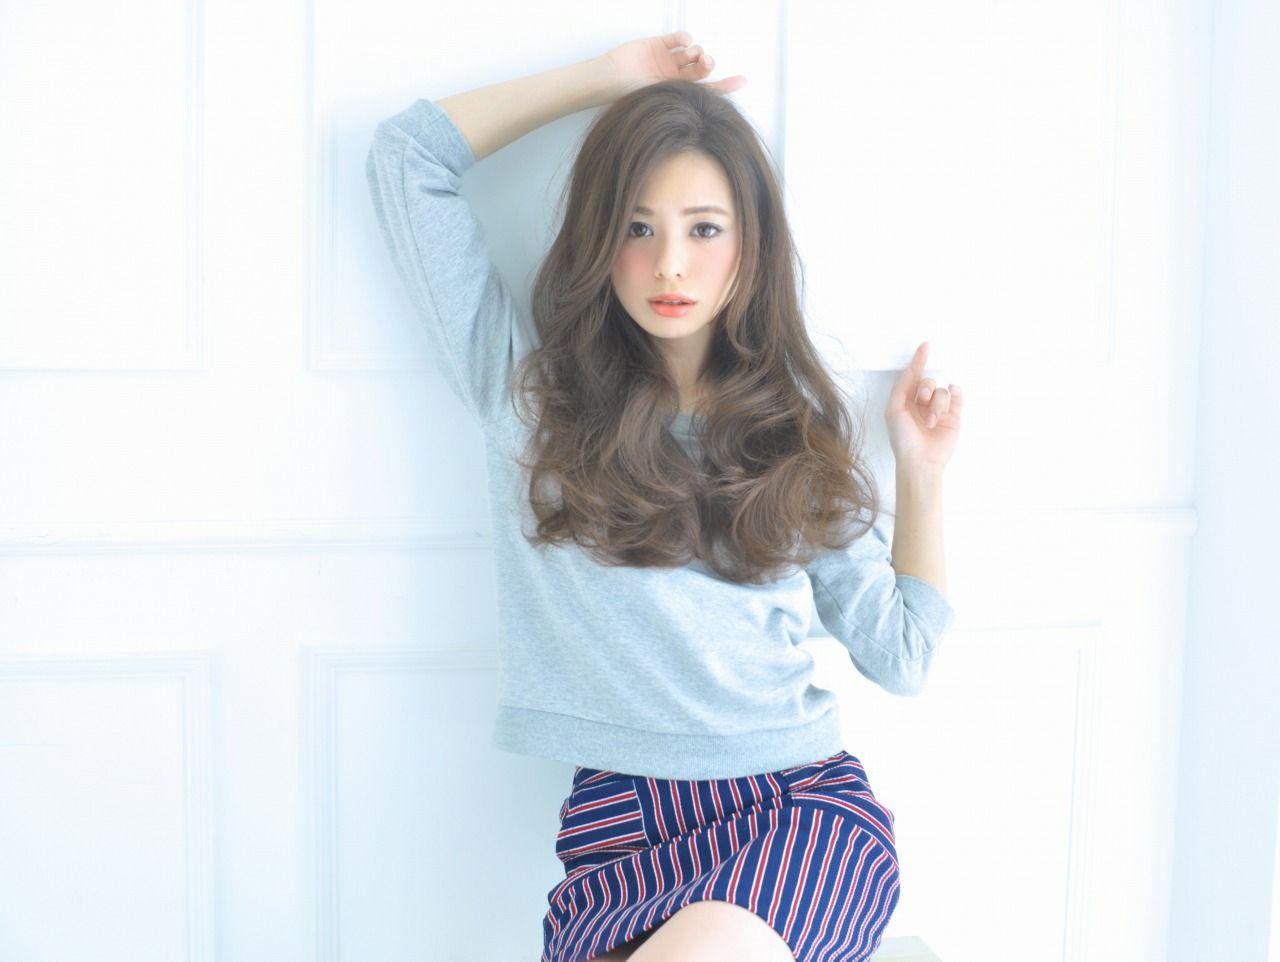 2015年をラフスタイルで先取り!ノームコアにかこつけたスウェットブーム♡ 清井 慎二 / Dice